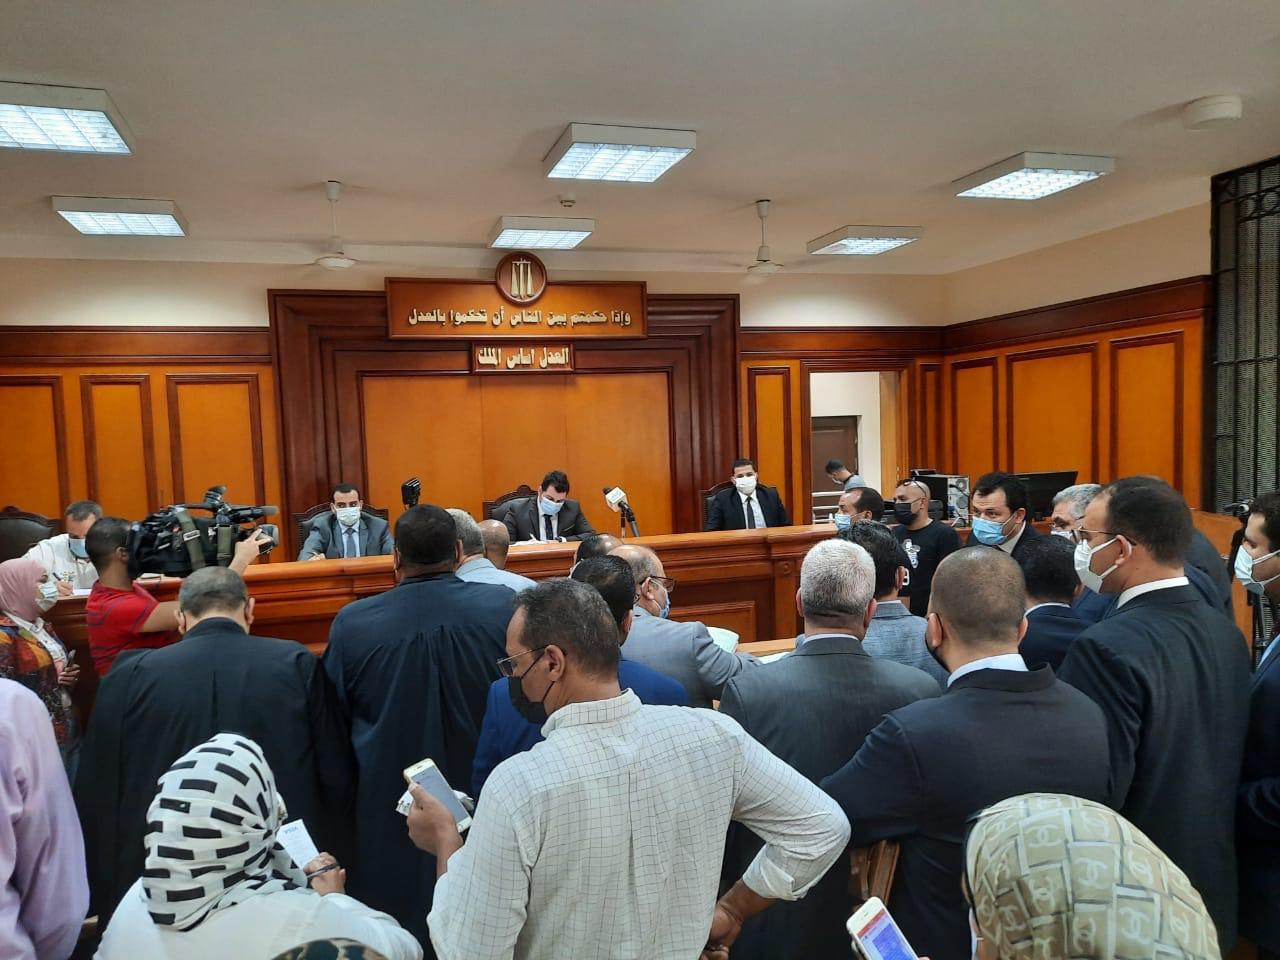 المحكمة الاقتصادية بالإسماعيلية (6)